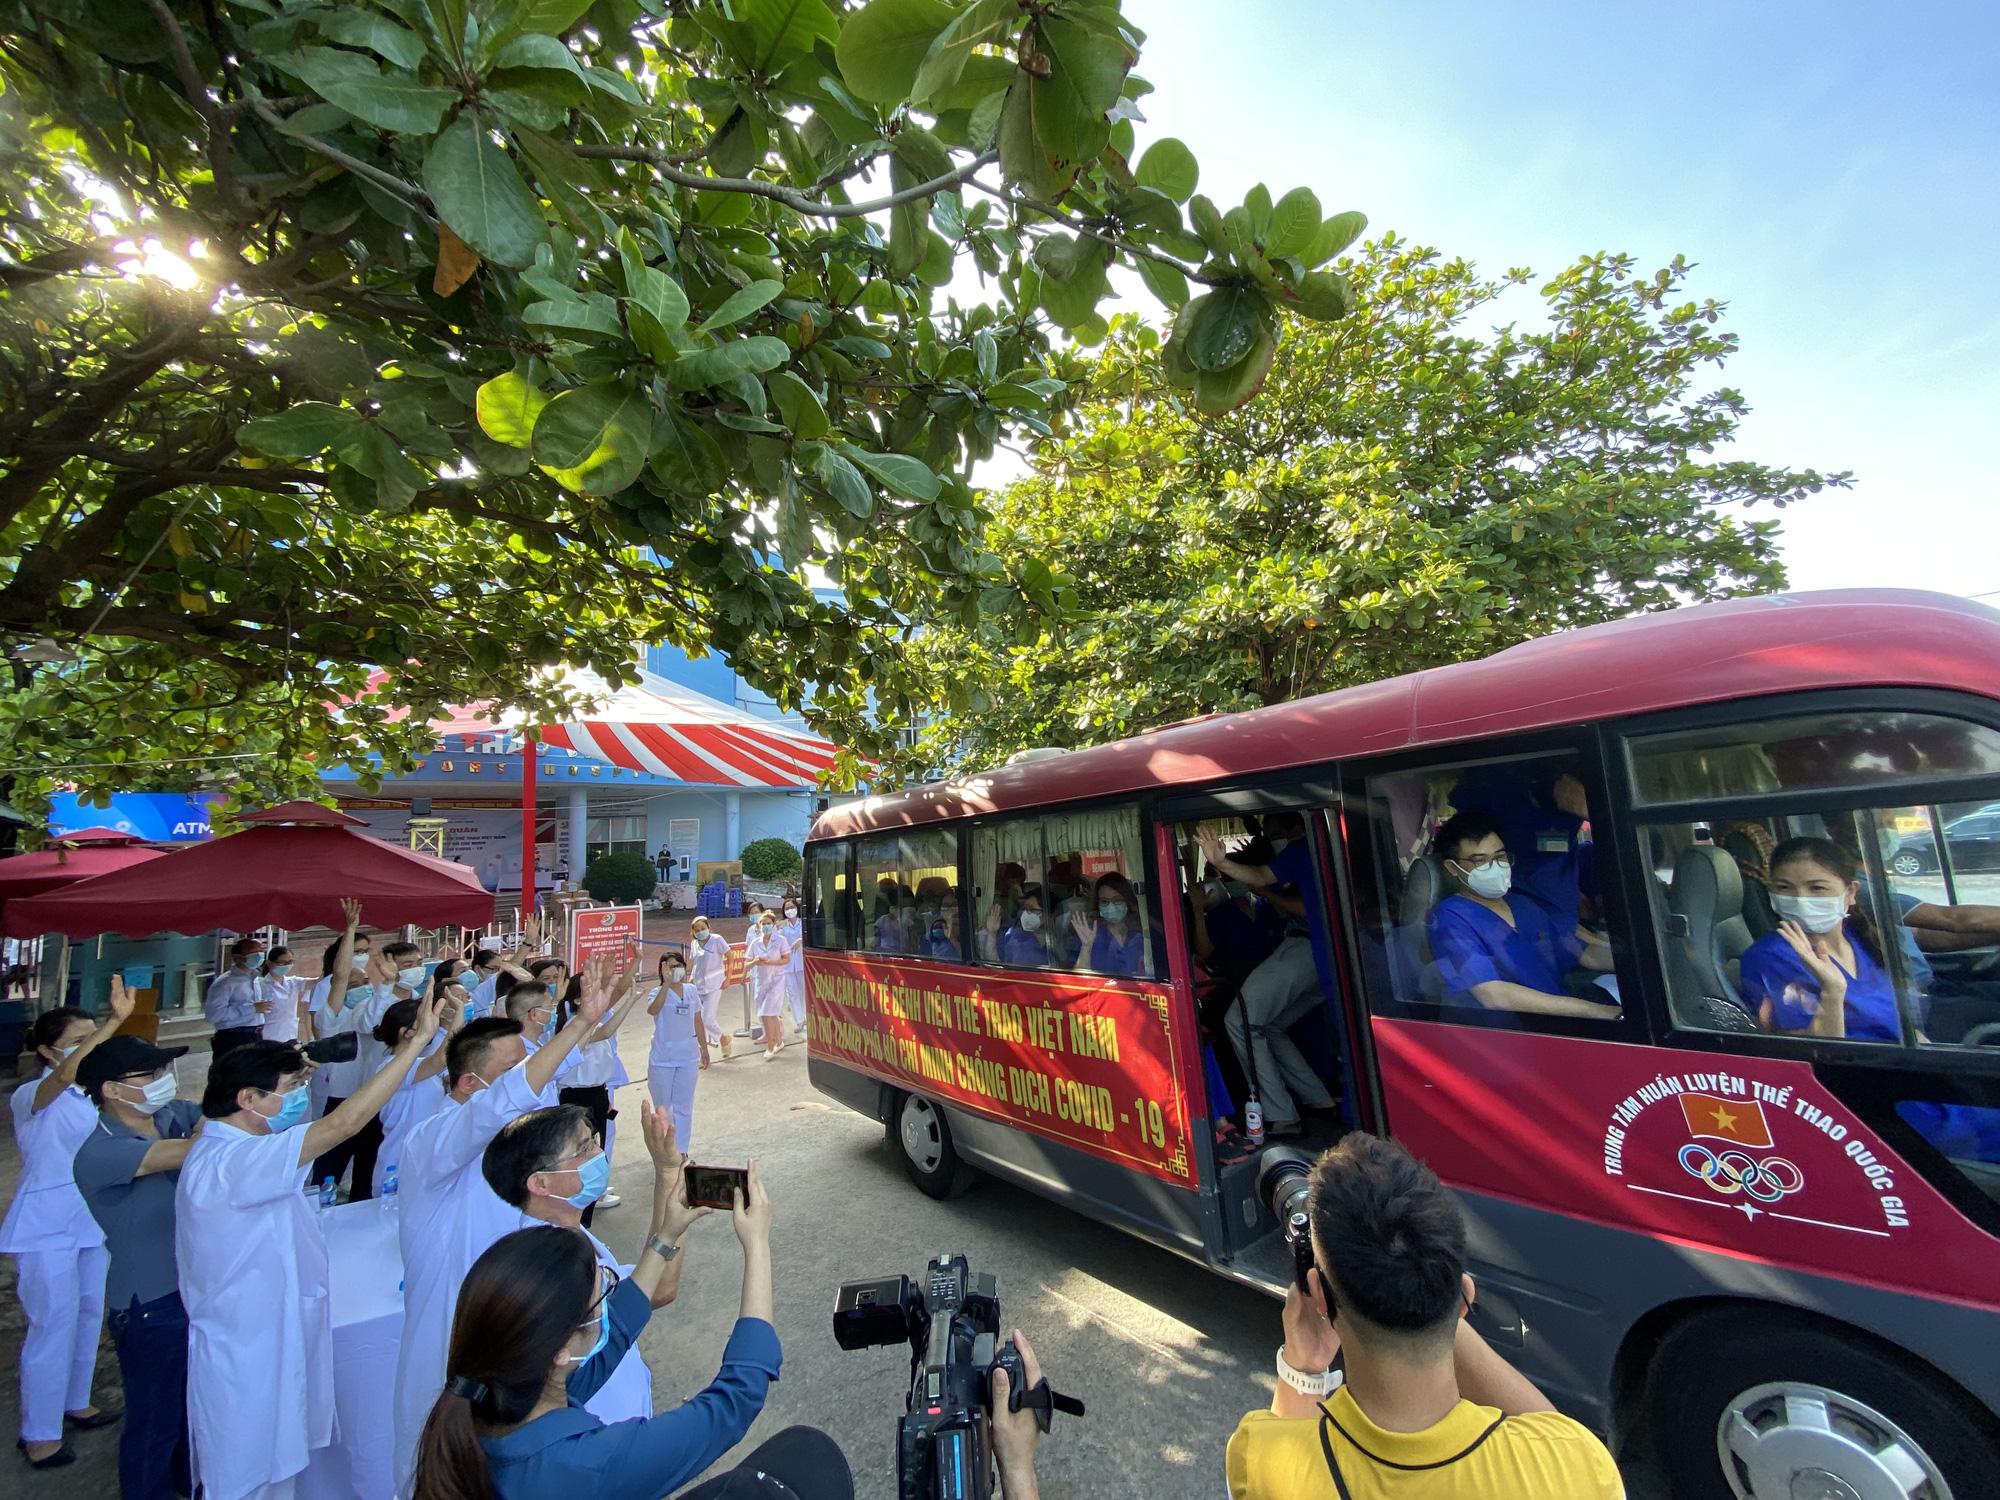 Bệnh viên Thể thao Việt Nam xuất quân tăng cường lực lượng vào miền Nam chống dịch - Ảnh 16.